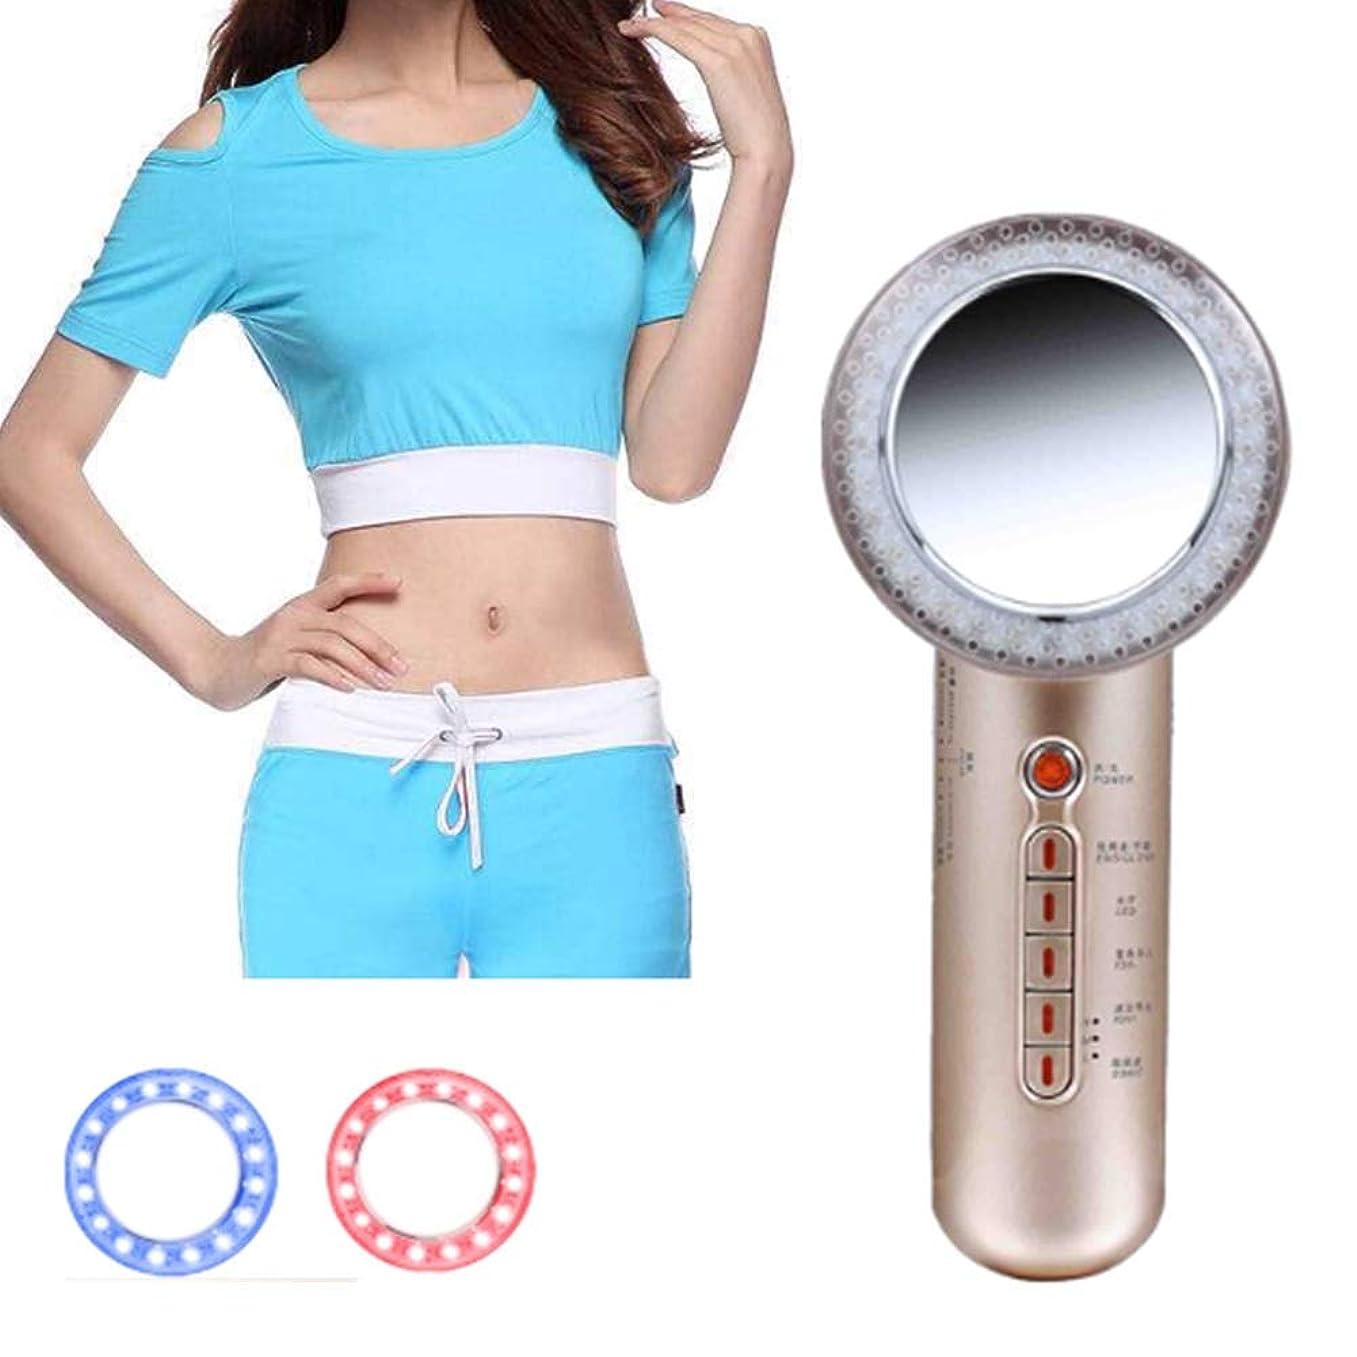 不透明なカロリー温かい1つの脂肪質の取り外し機械に付き6つ、ボディ細くのマッサージャー、きつく締まる皮、減少の減量